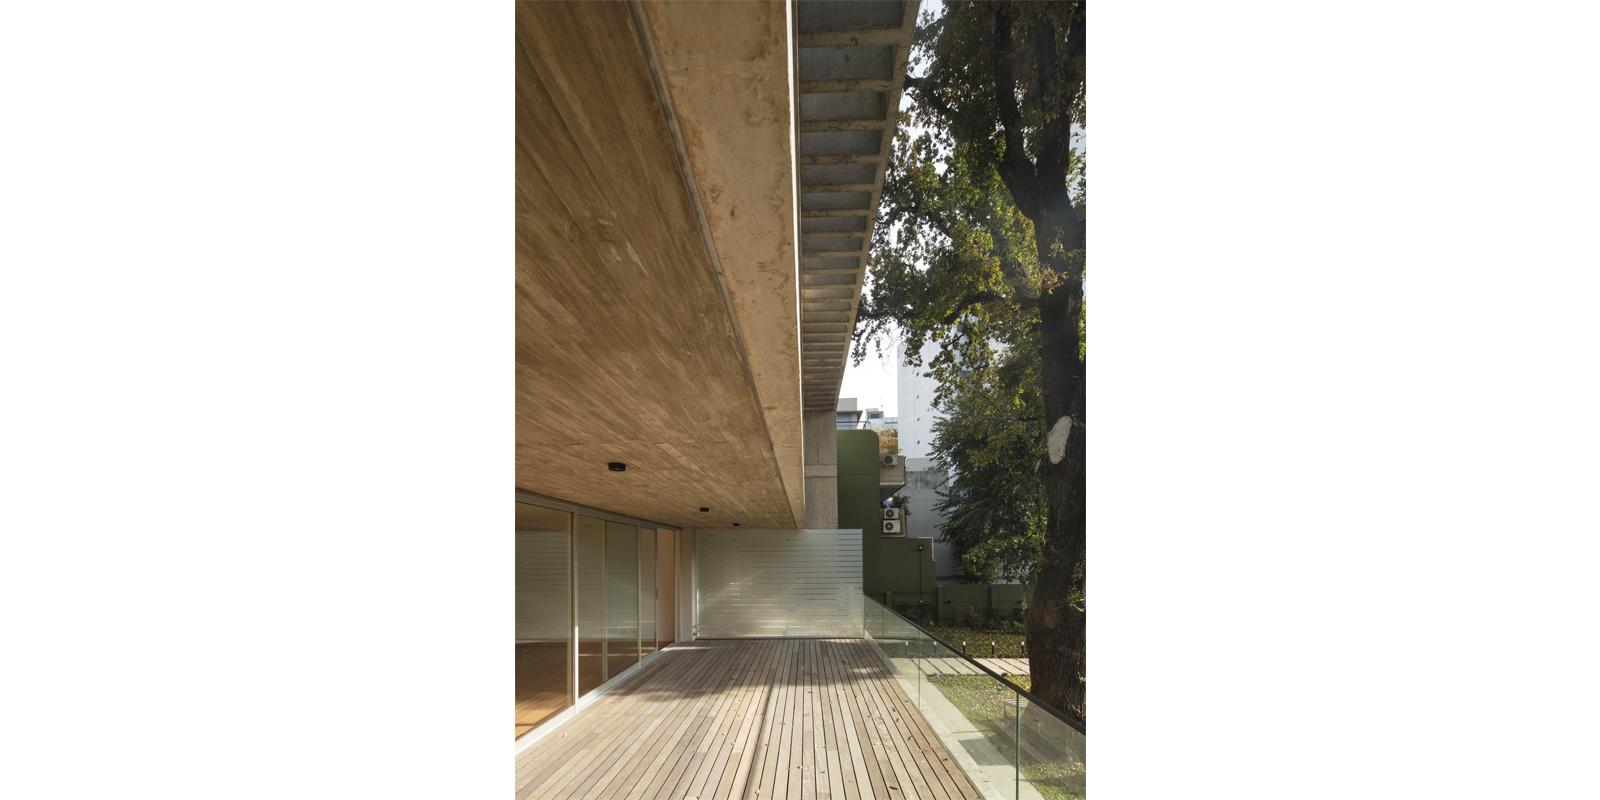 ProyectoC_Arquitectos_Portfolio_12_EnriqueMartinez